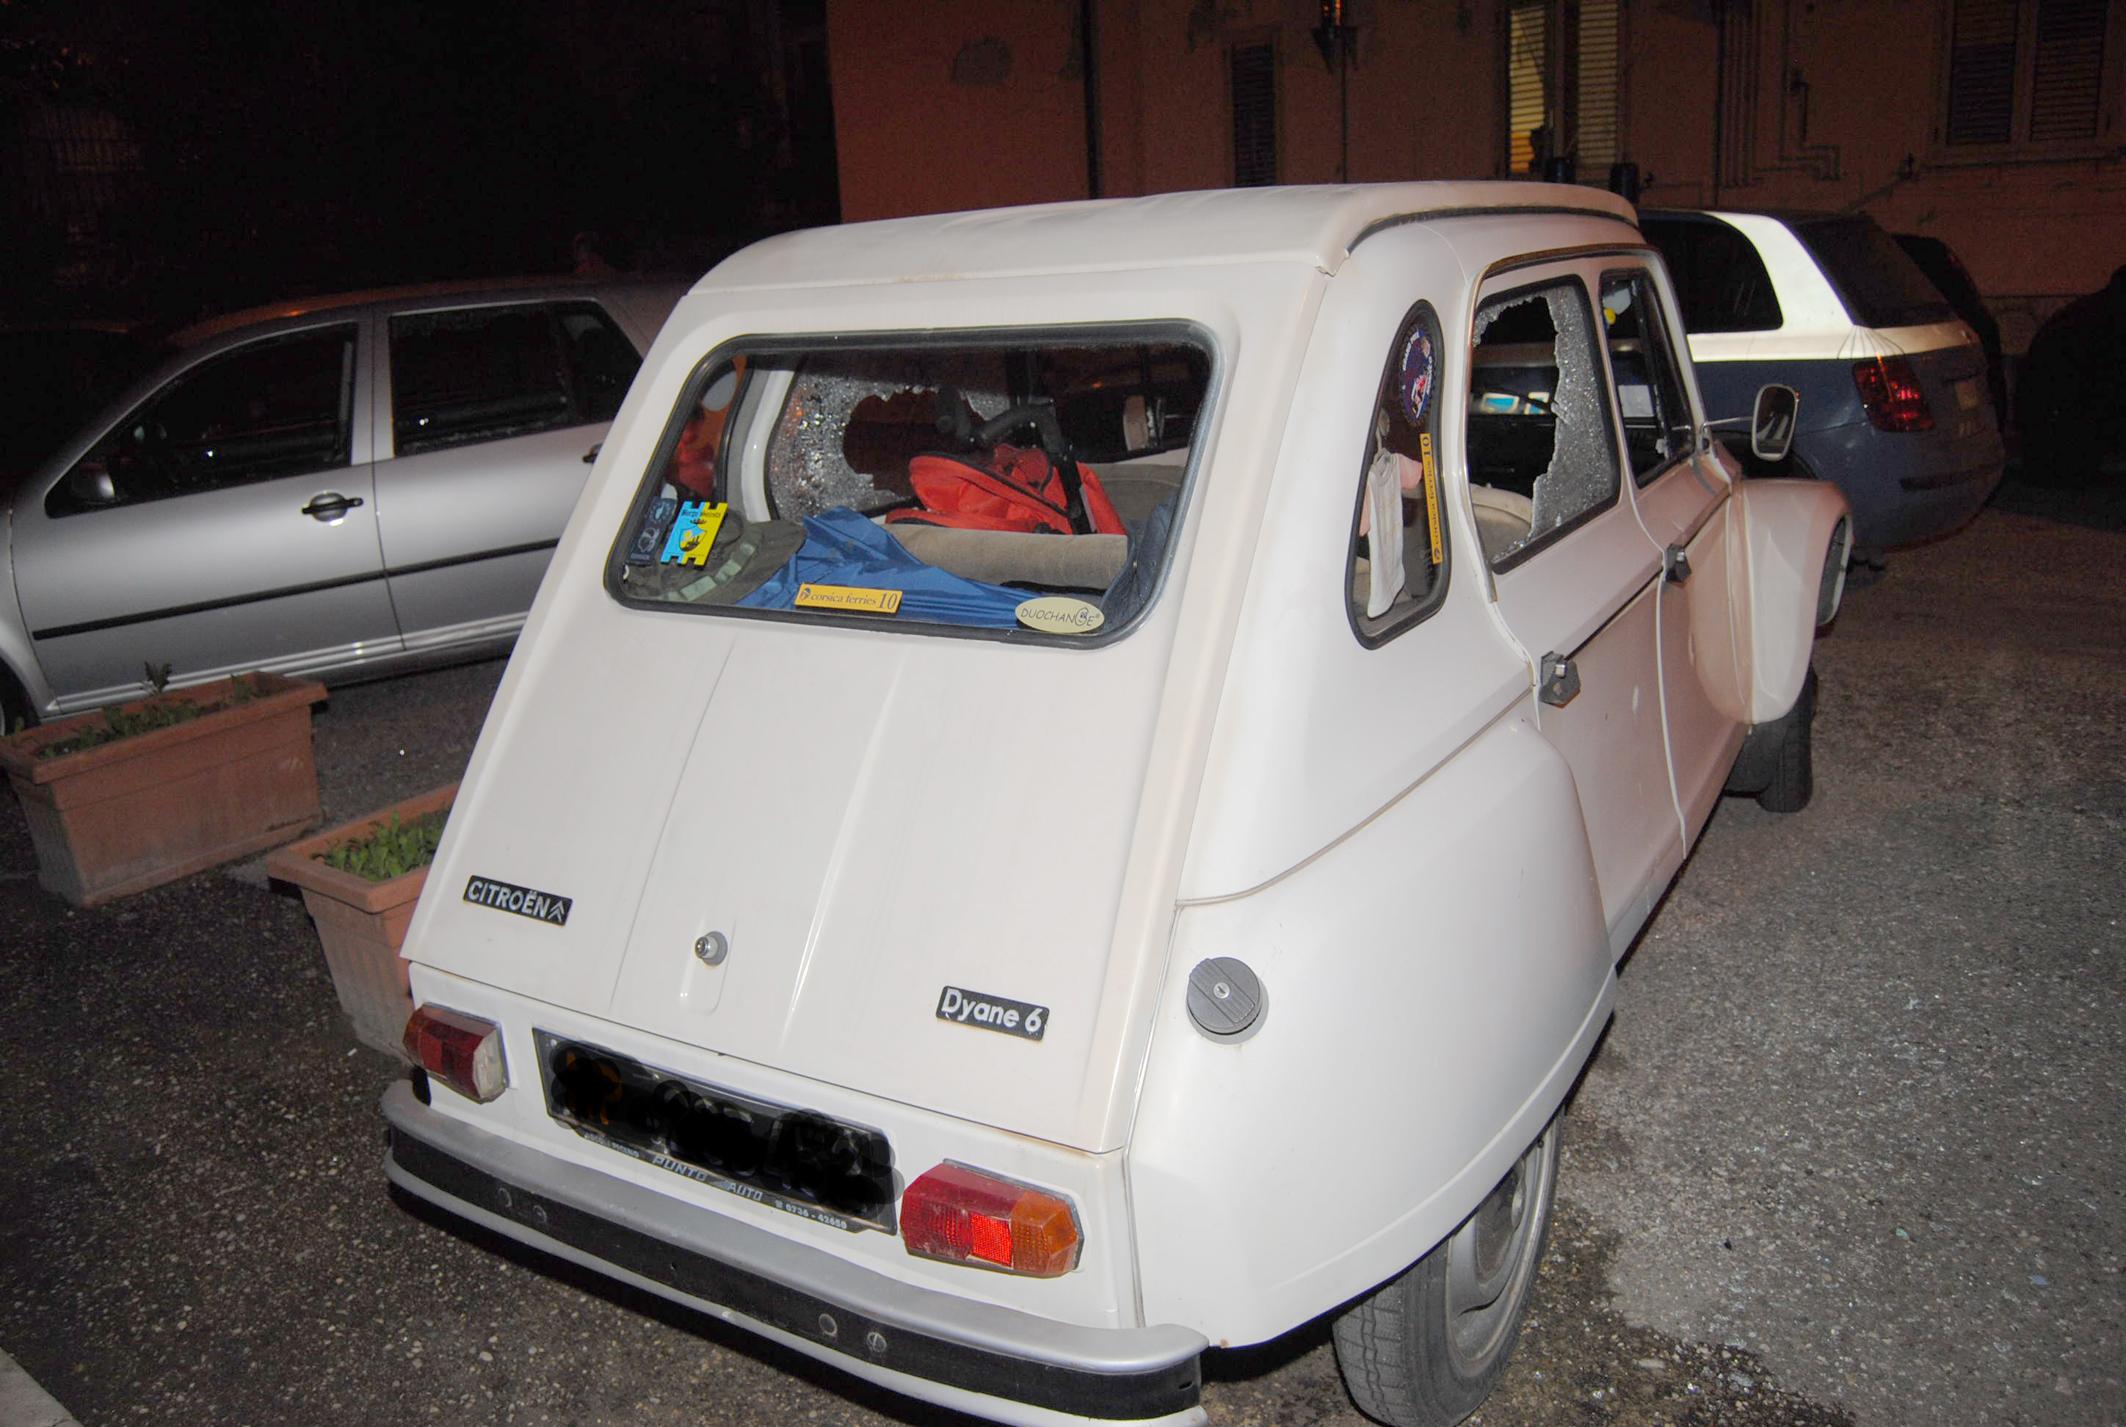 Auto dei familiari danneggiata 2